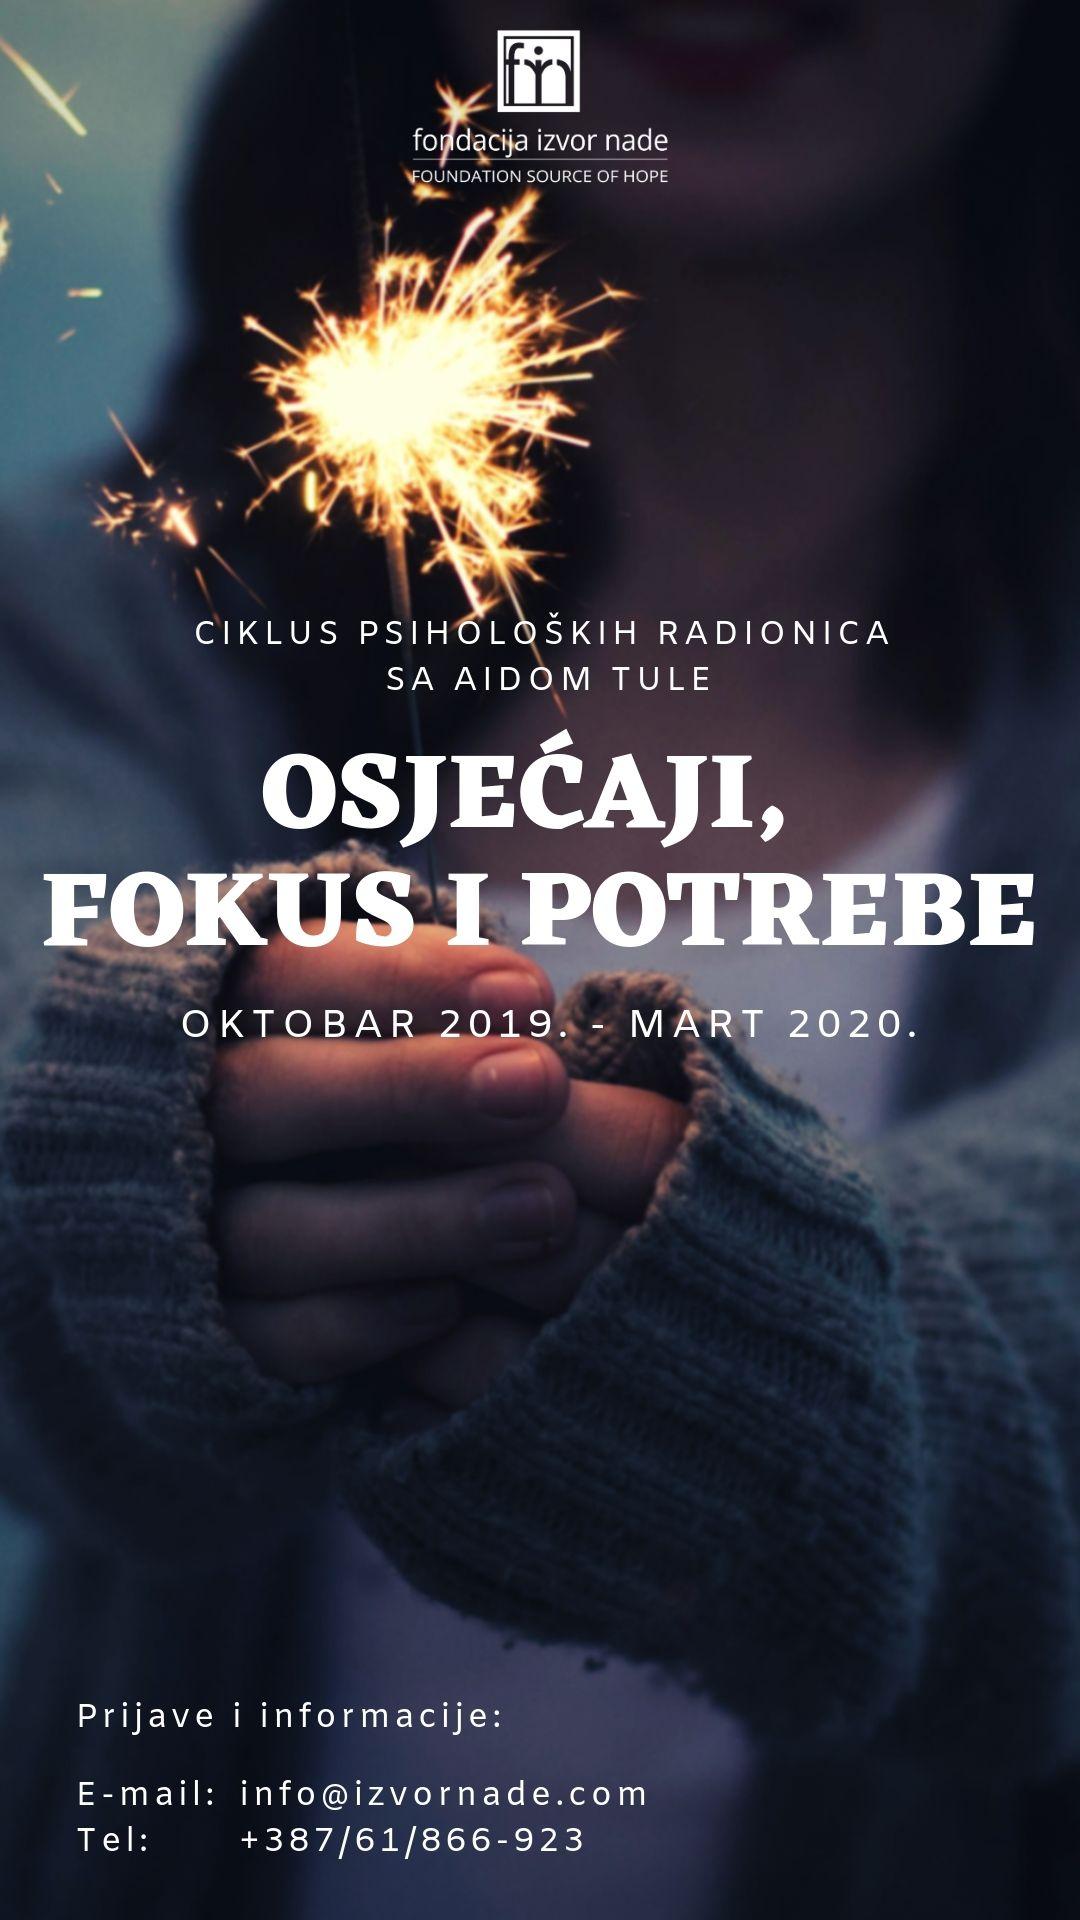 Psihološke radionice Osjećaji, fokus i potrebe - Aida Tule, Fondacija Izvor nade, plakar